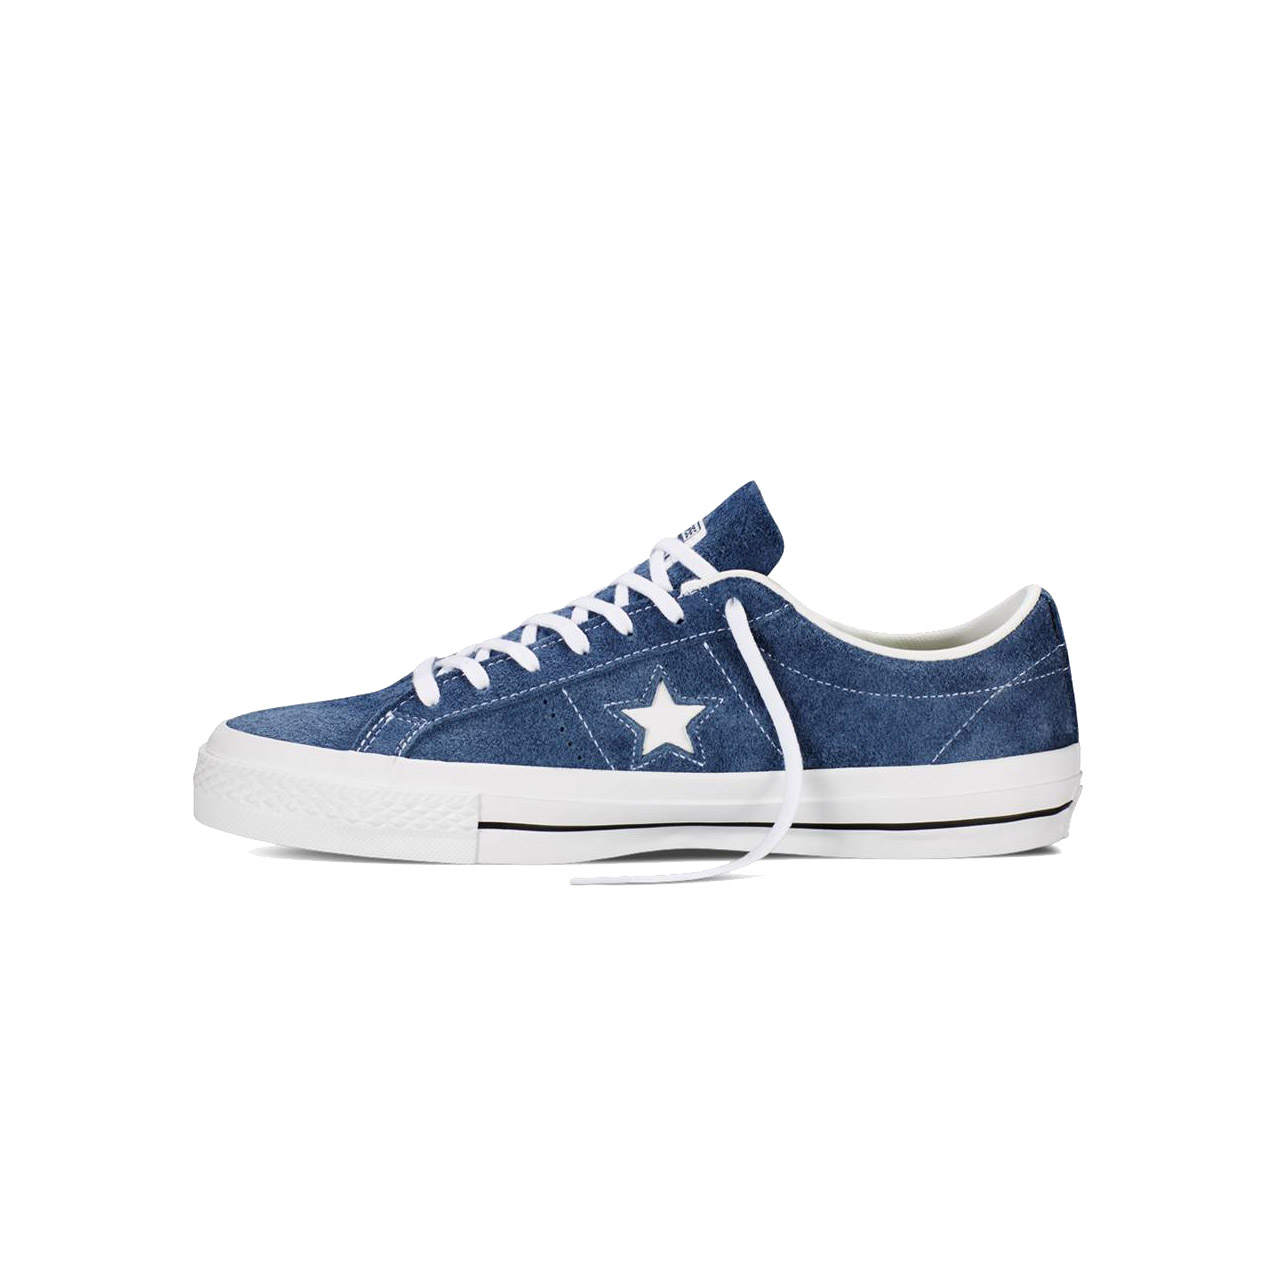 قیمت کفش مخصوص پیاده روی مردانه کانورس مدل 153062c